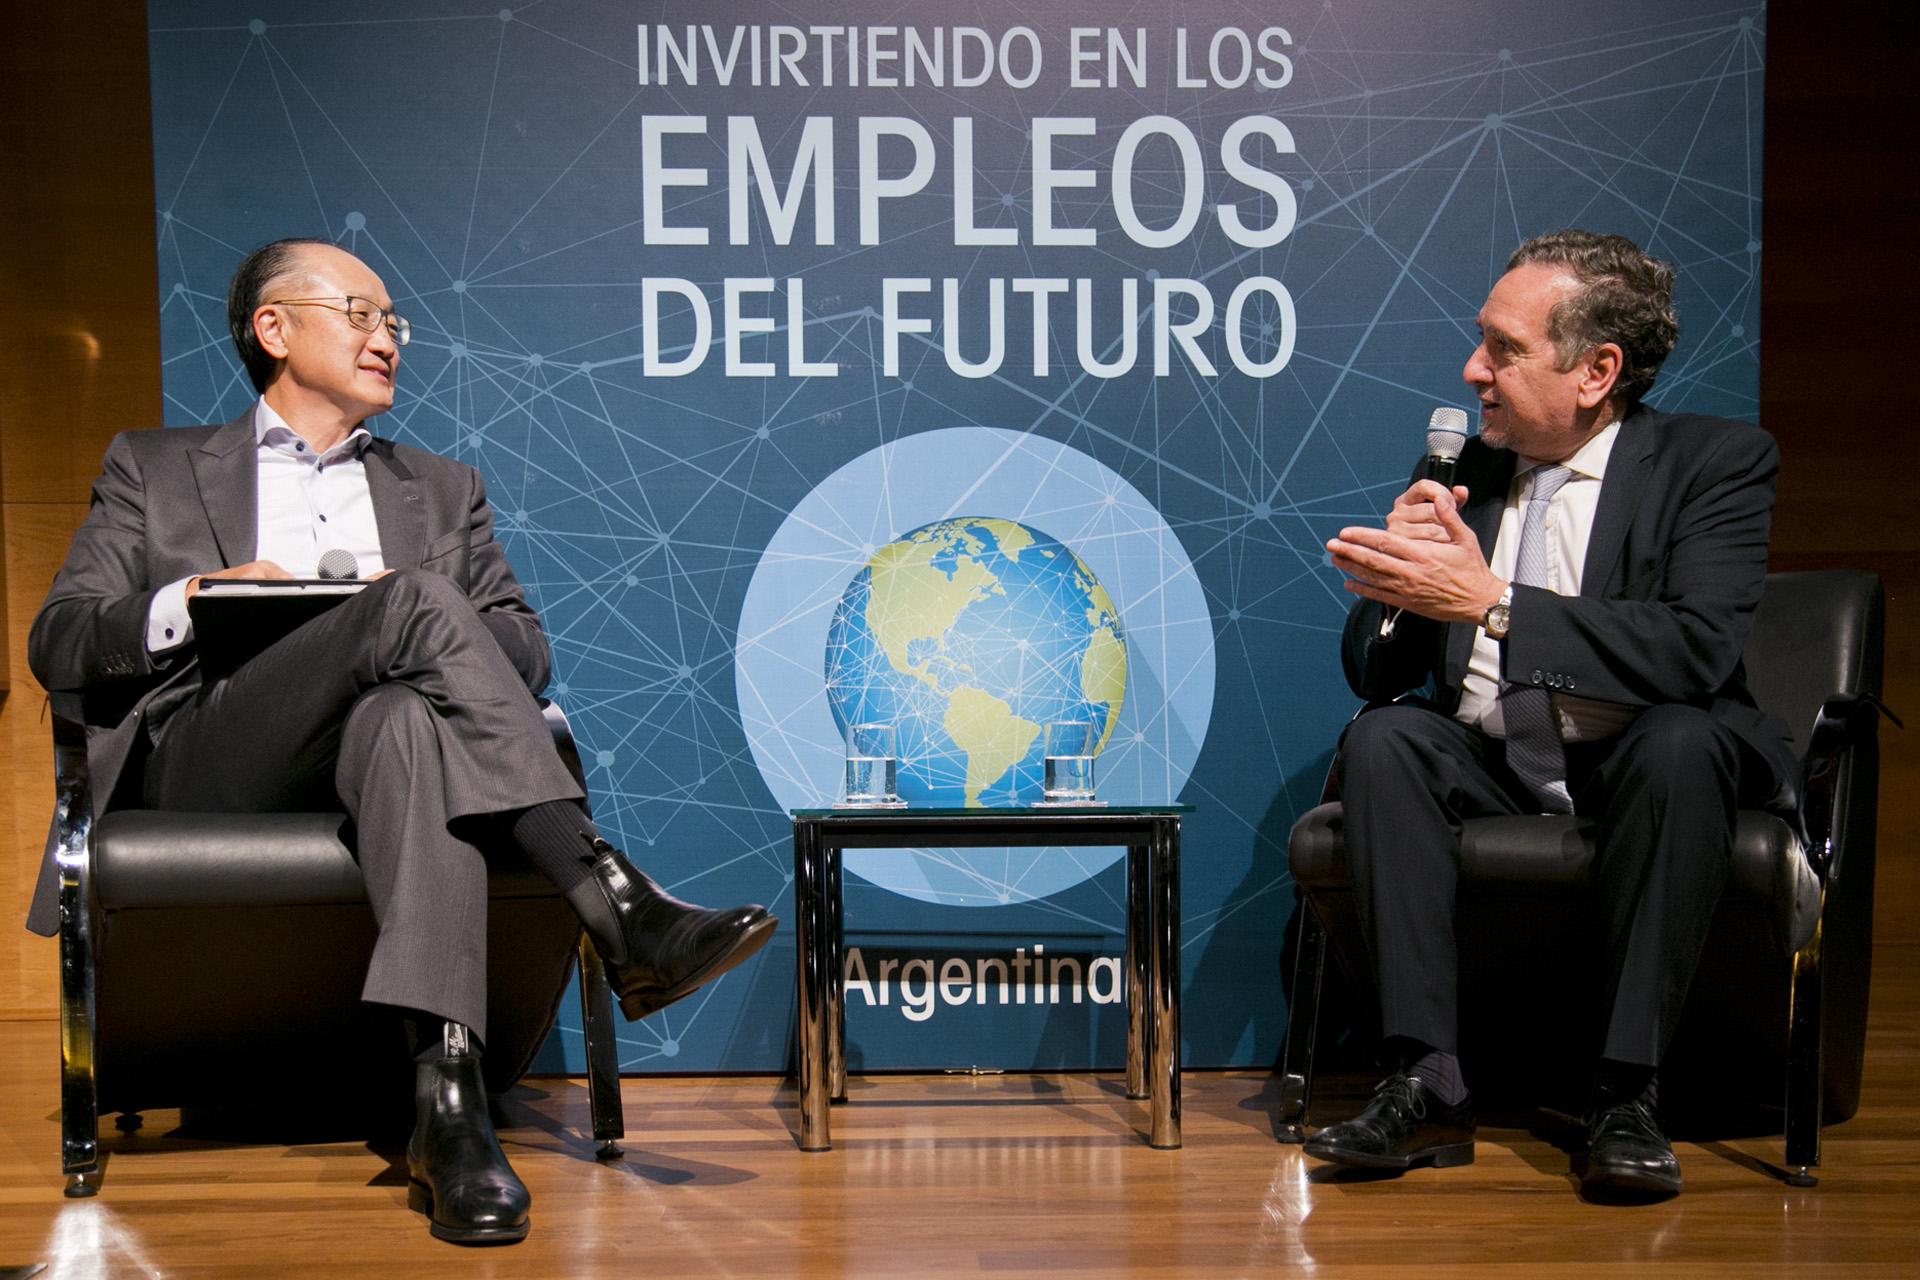 """El presidente del Banco Mundial, Jim Yong Kim, participó del foro """"Invirtiendo en los Empleos del Futuro"""" que reunió a estudiantes, emprendedores y líderes de opinión en el Centro Cultural de la Ciencia (C3), ubicado en el Polo Científico Tecnológico de Palermo"""